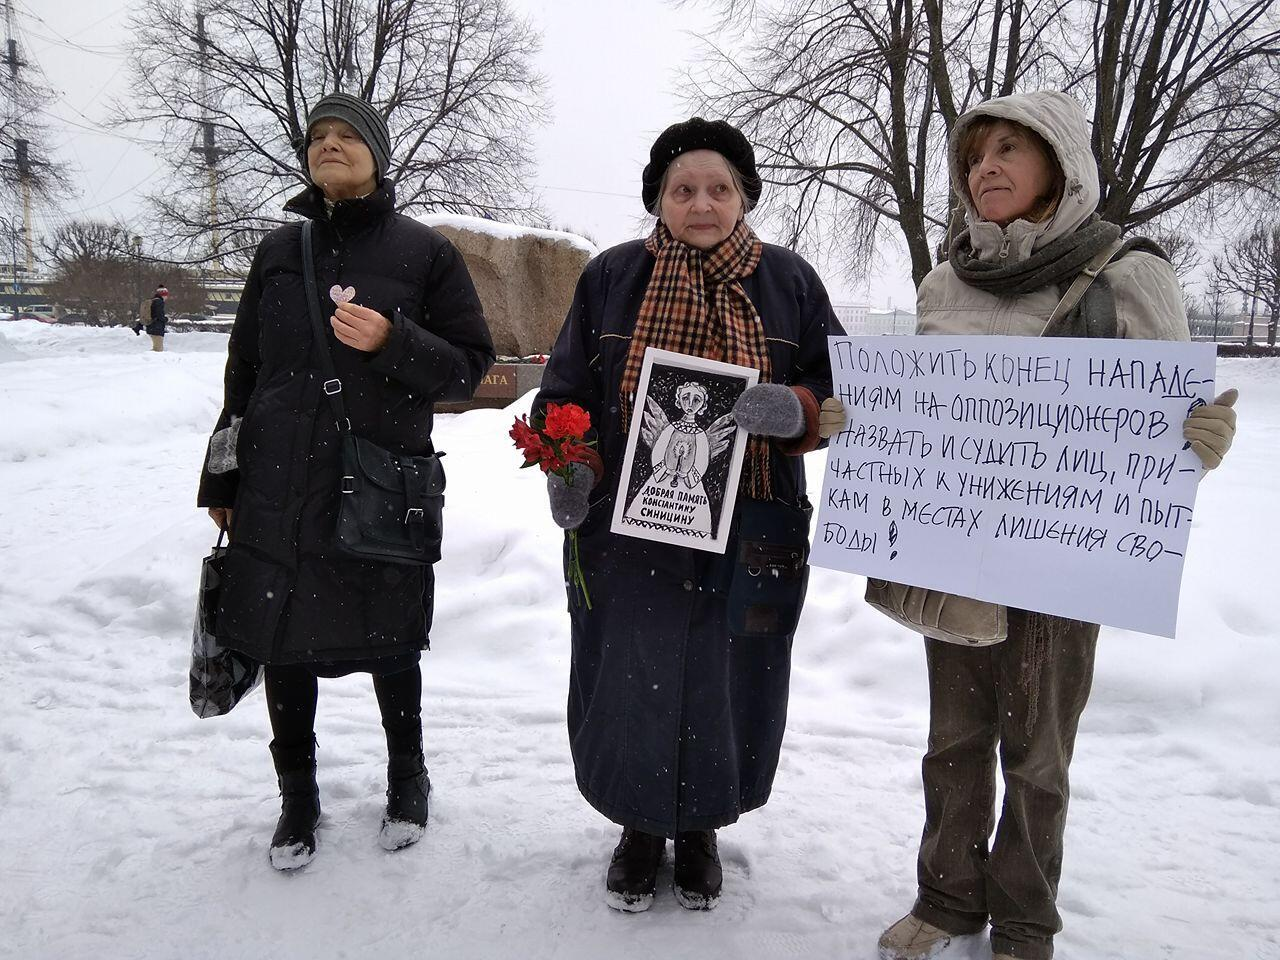 Художница Елена Осипова (в центре) на акции против пыток в Санкт-Петербурге. 18 февраля 2018 г.